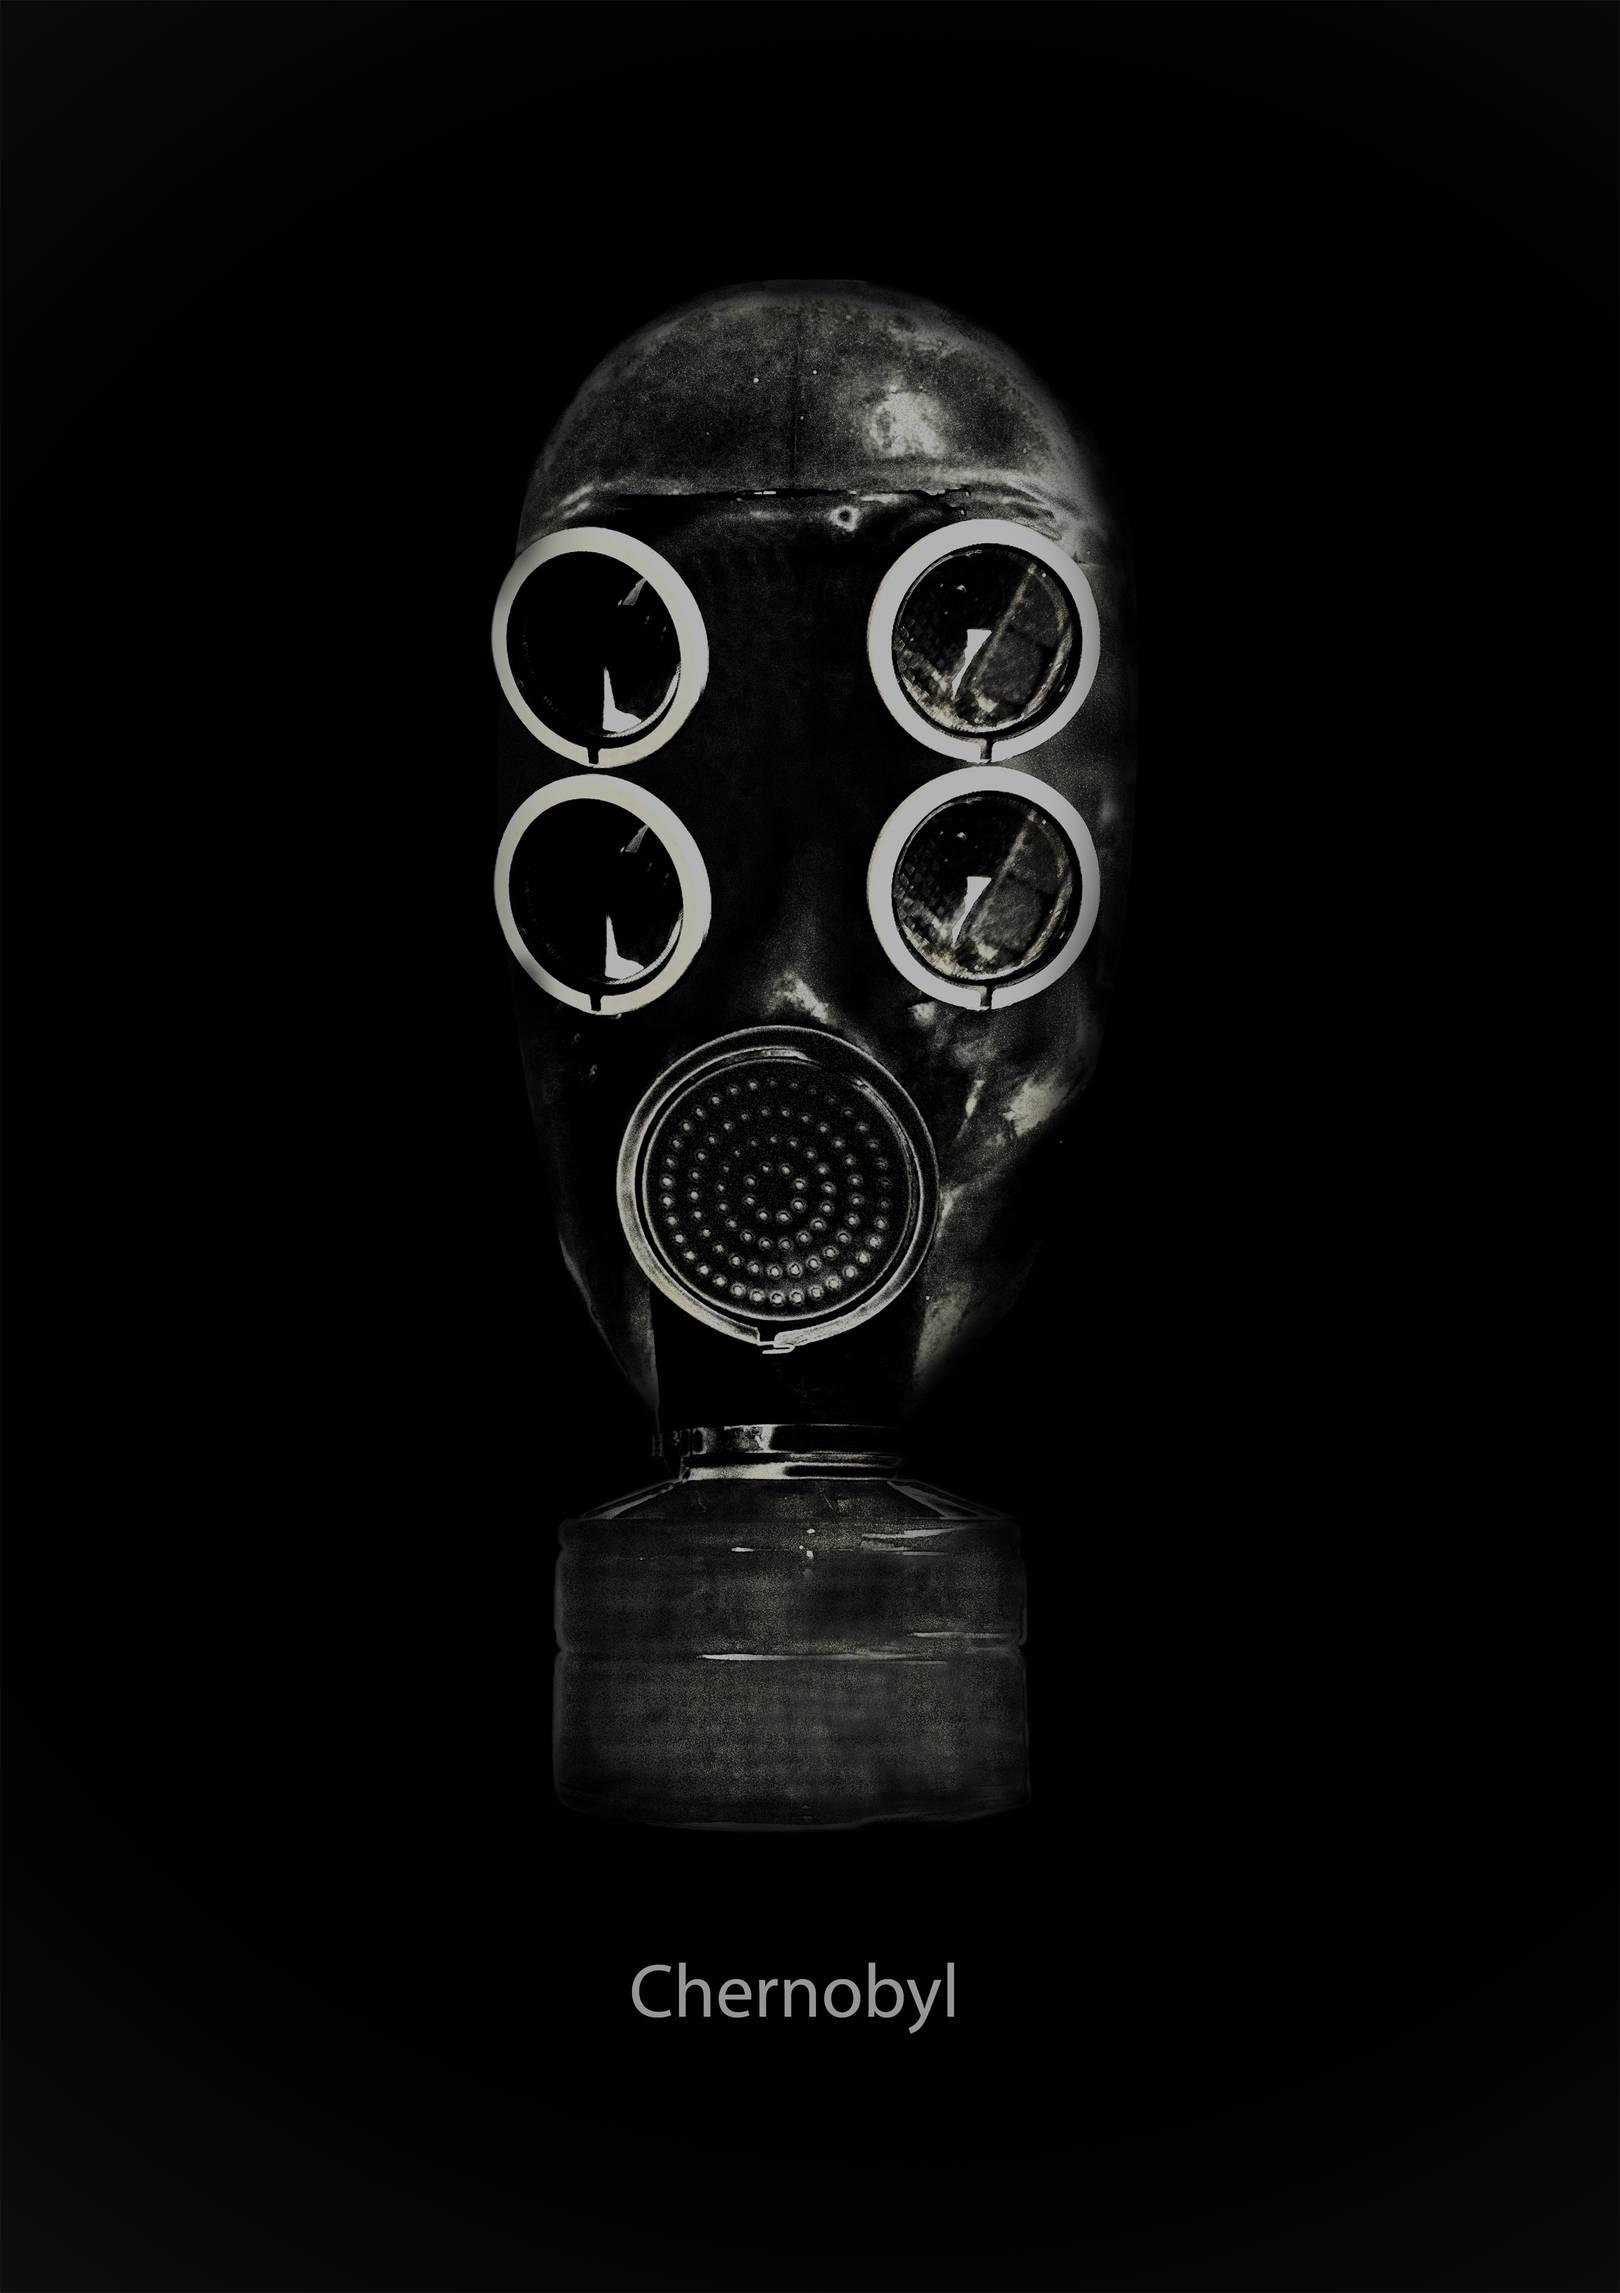 Плакат на тему: Чернобыльская катастрофа